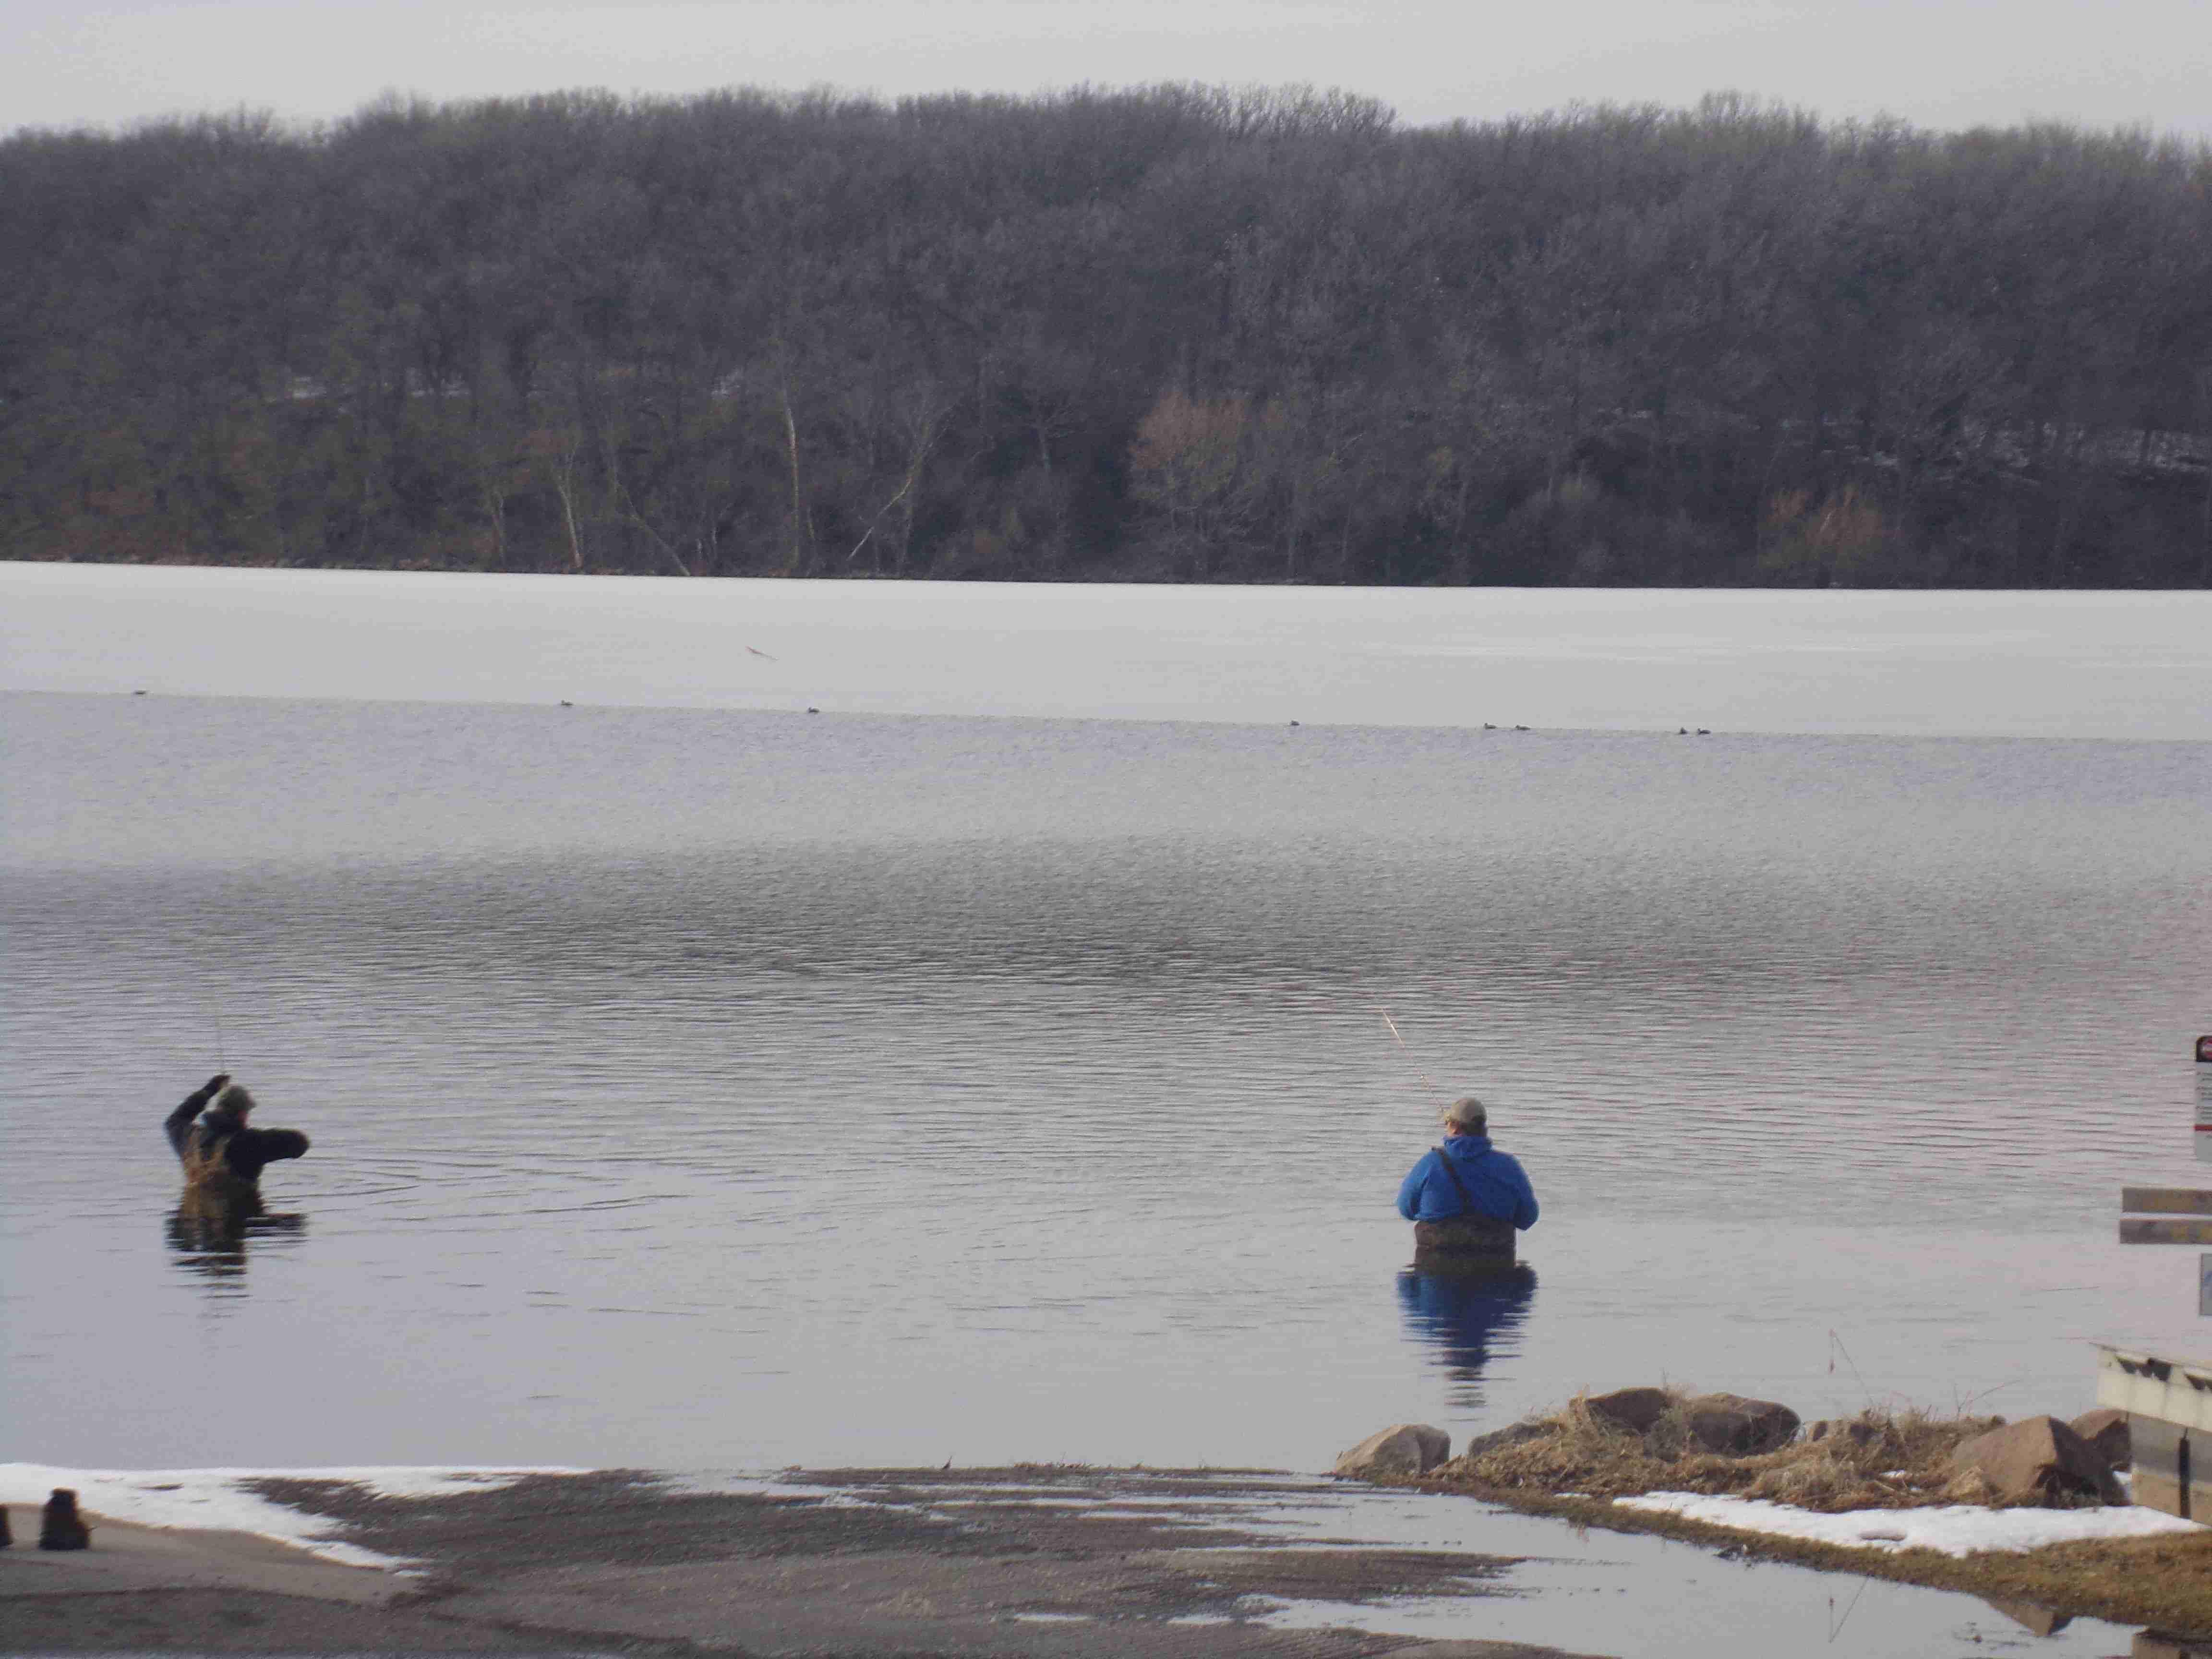 Saturday morning fishing report shoreline fishing opens for Farmers almanac fishing report